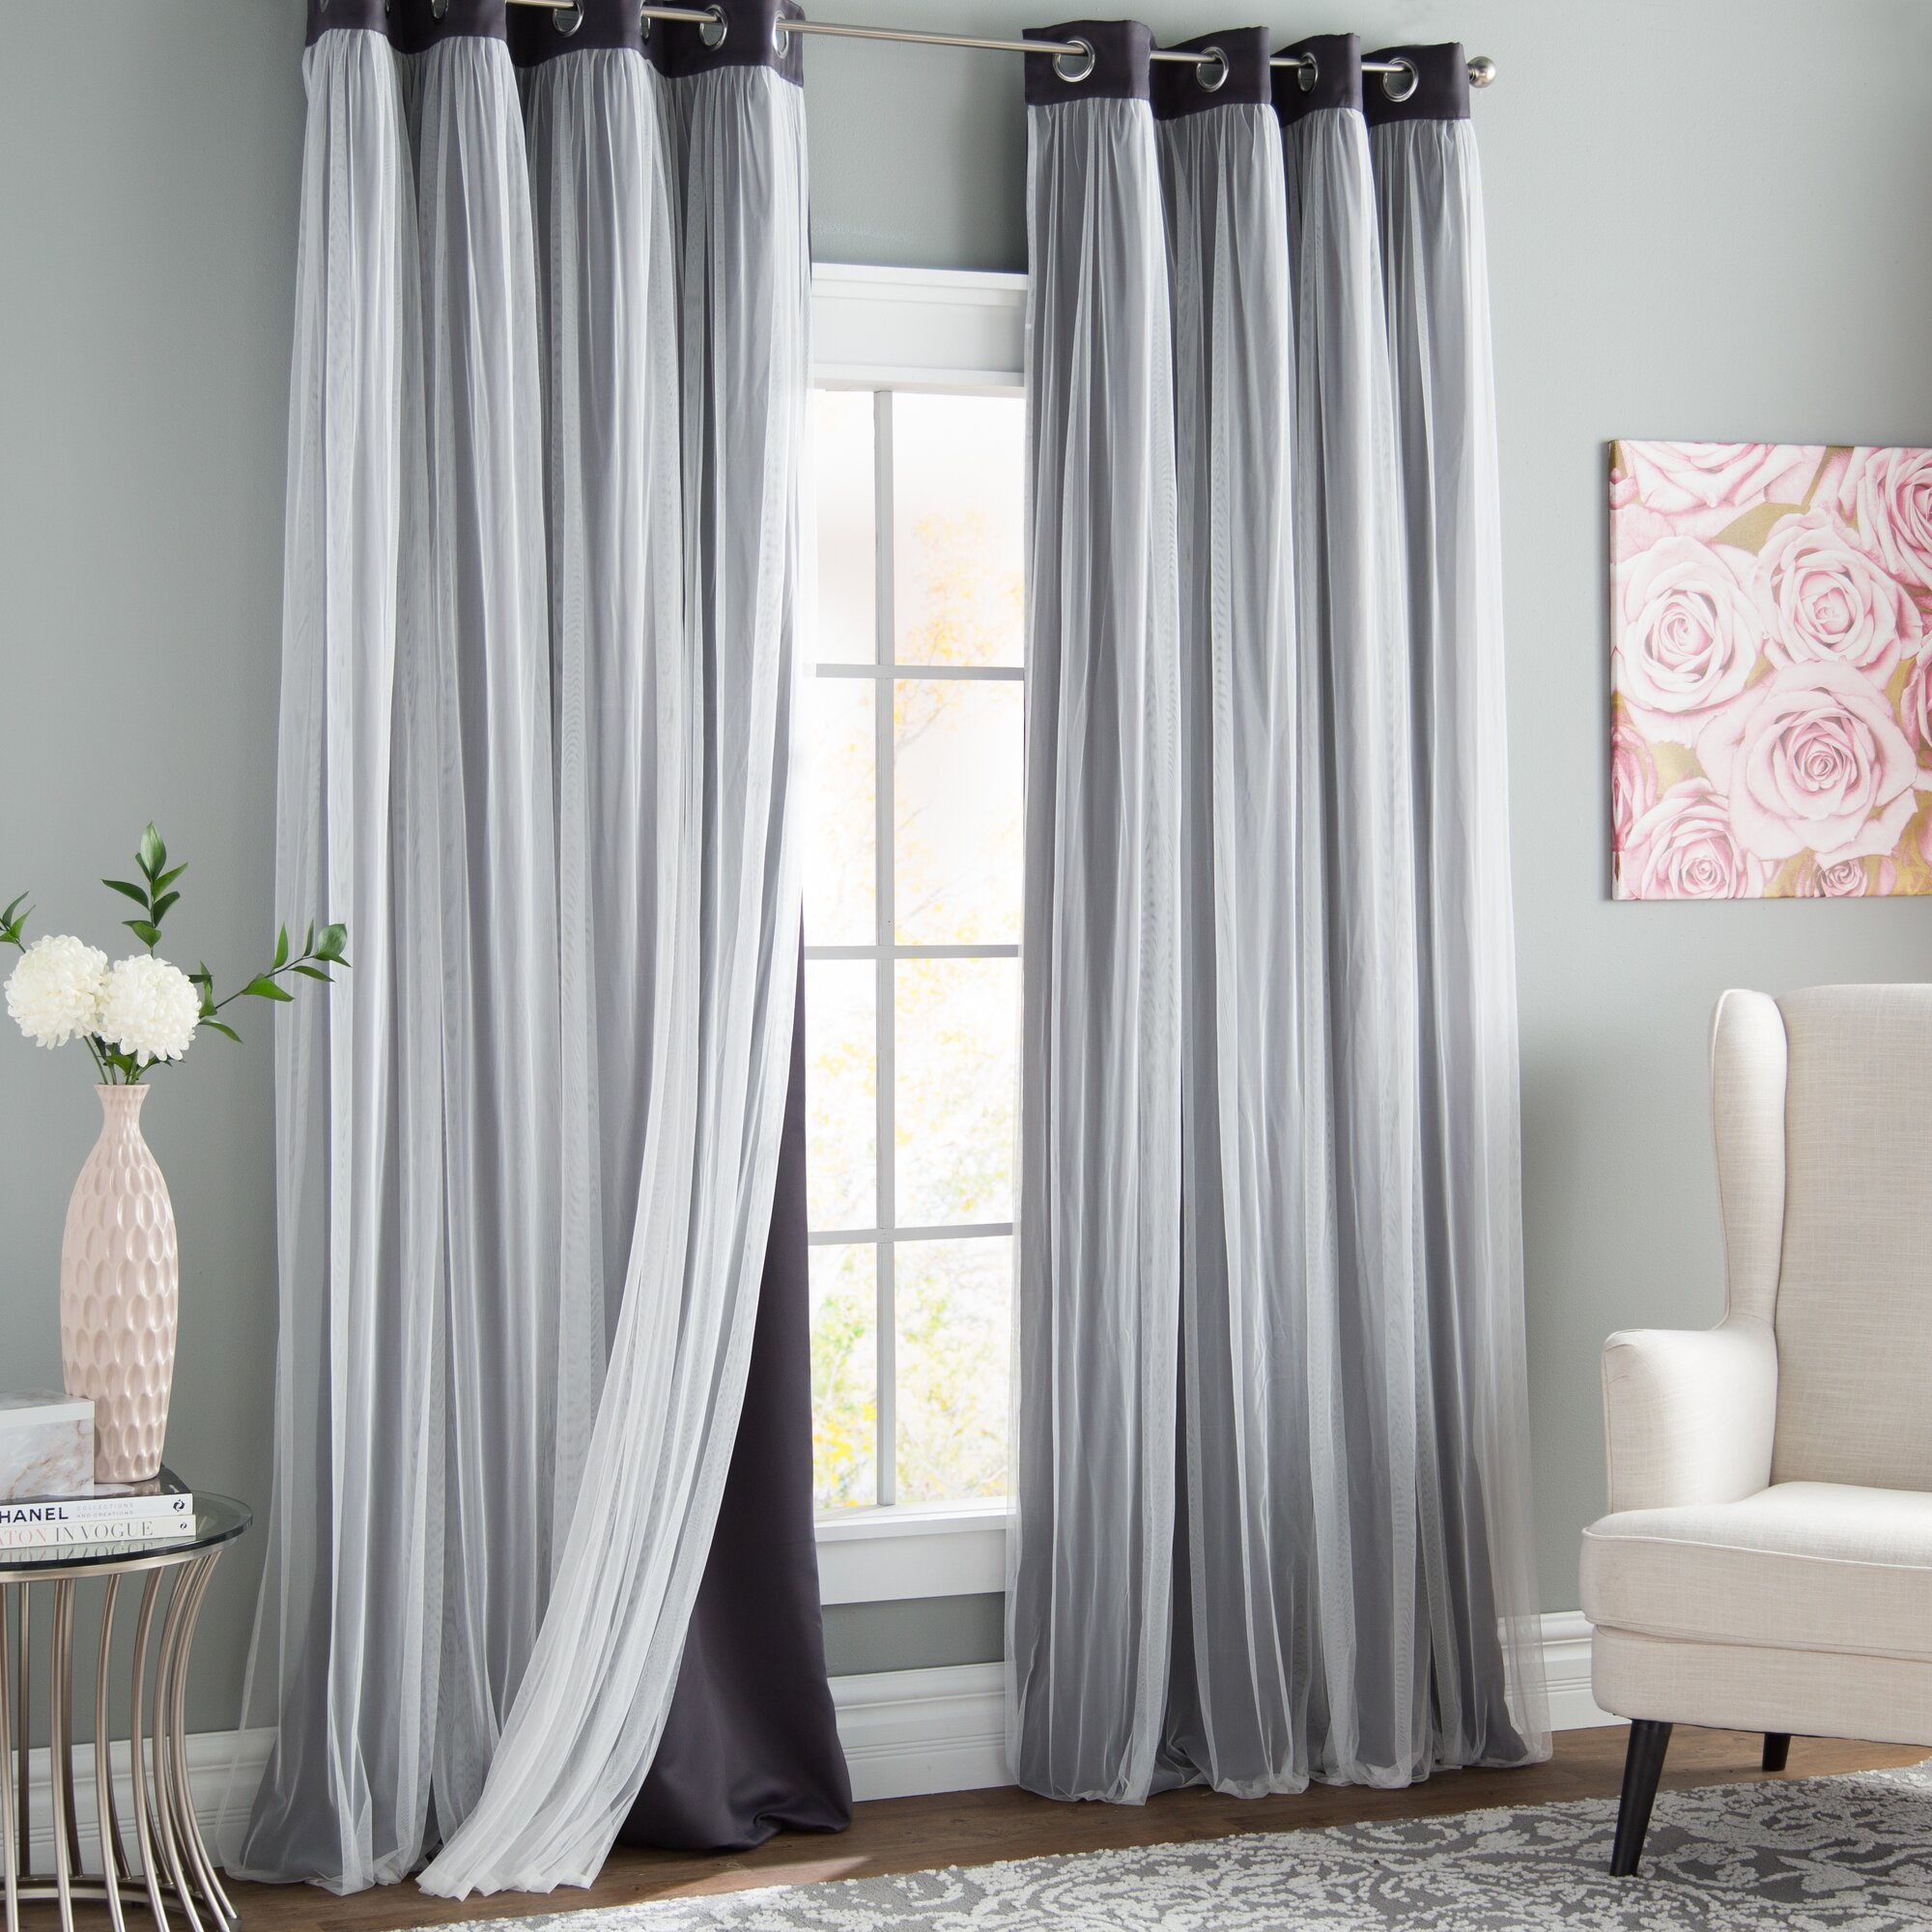 Brockham Solid Color Room Darkening Grommet Curtain Panels (Set of 2)